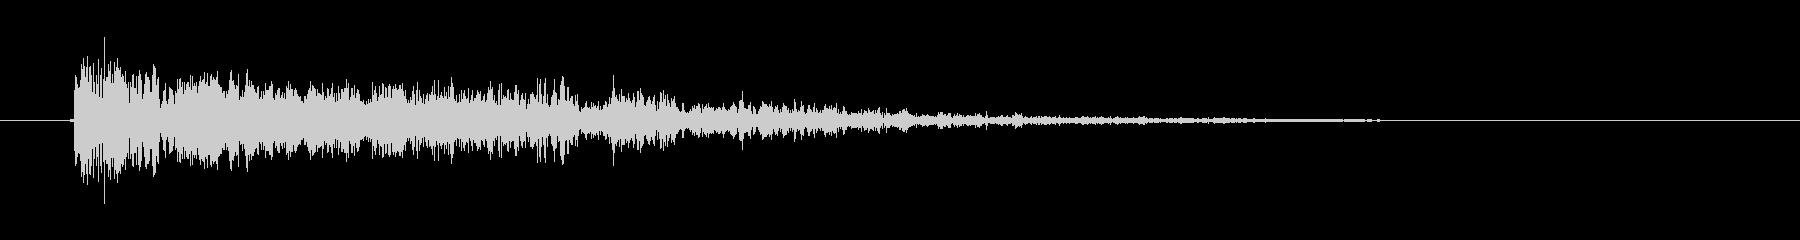 ビヨヨヨヨン(失敗、間違い、爆発音)の未再生の波形